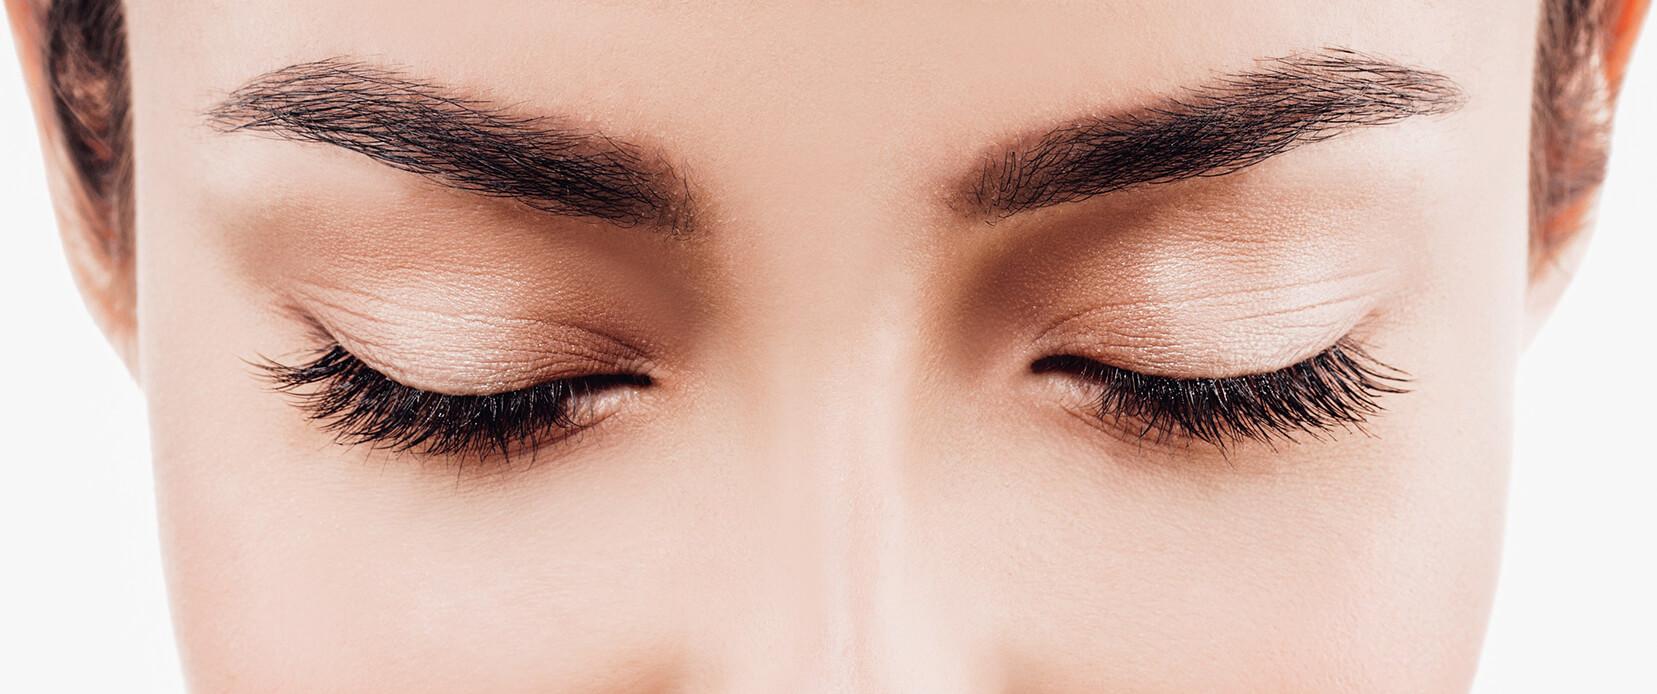 eyelash2_